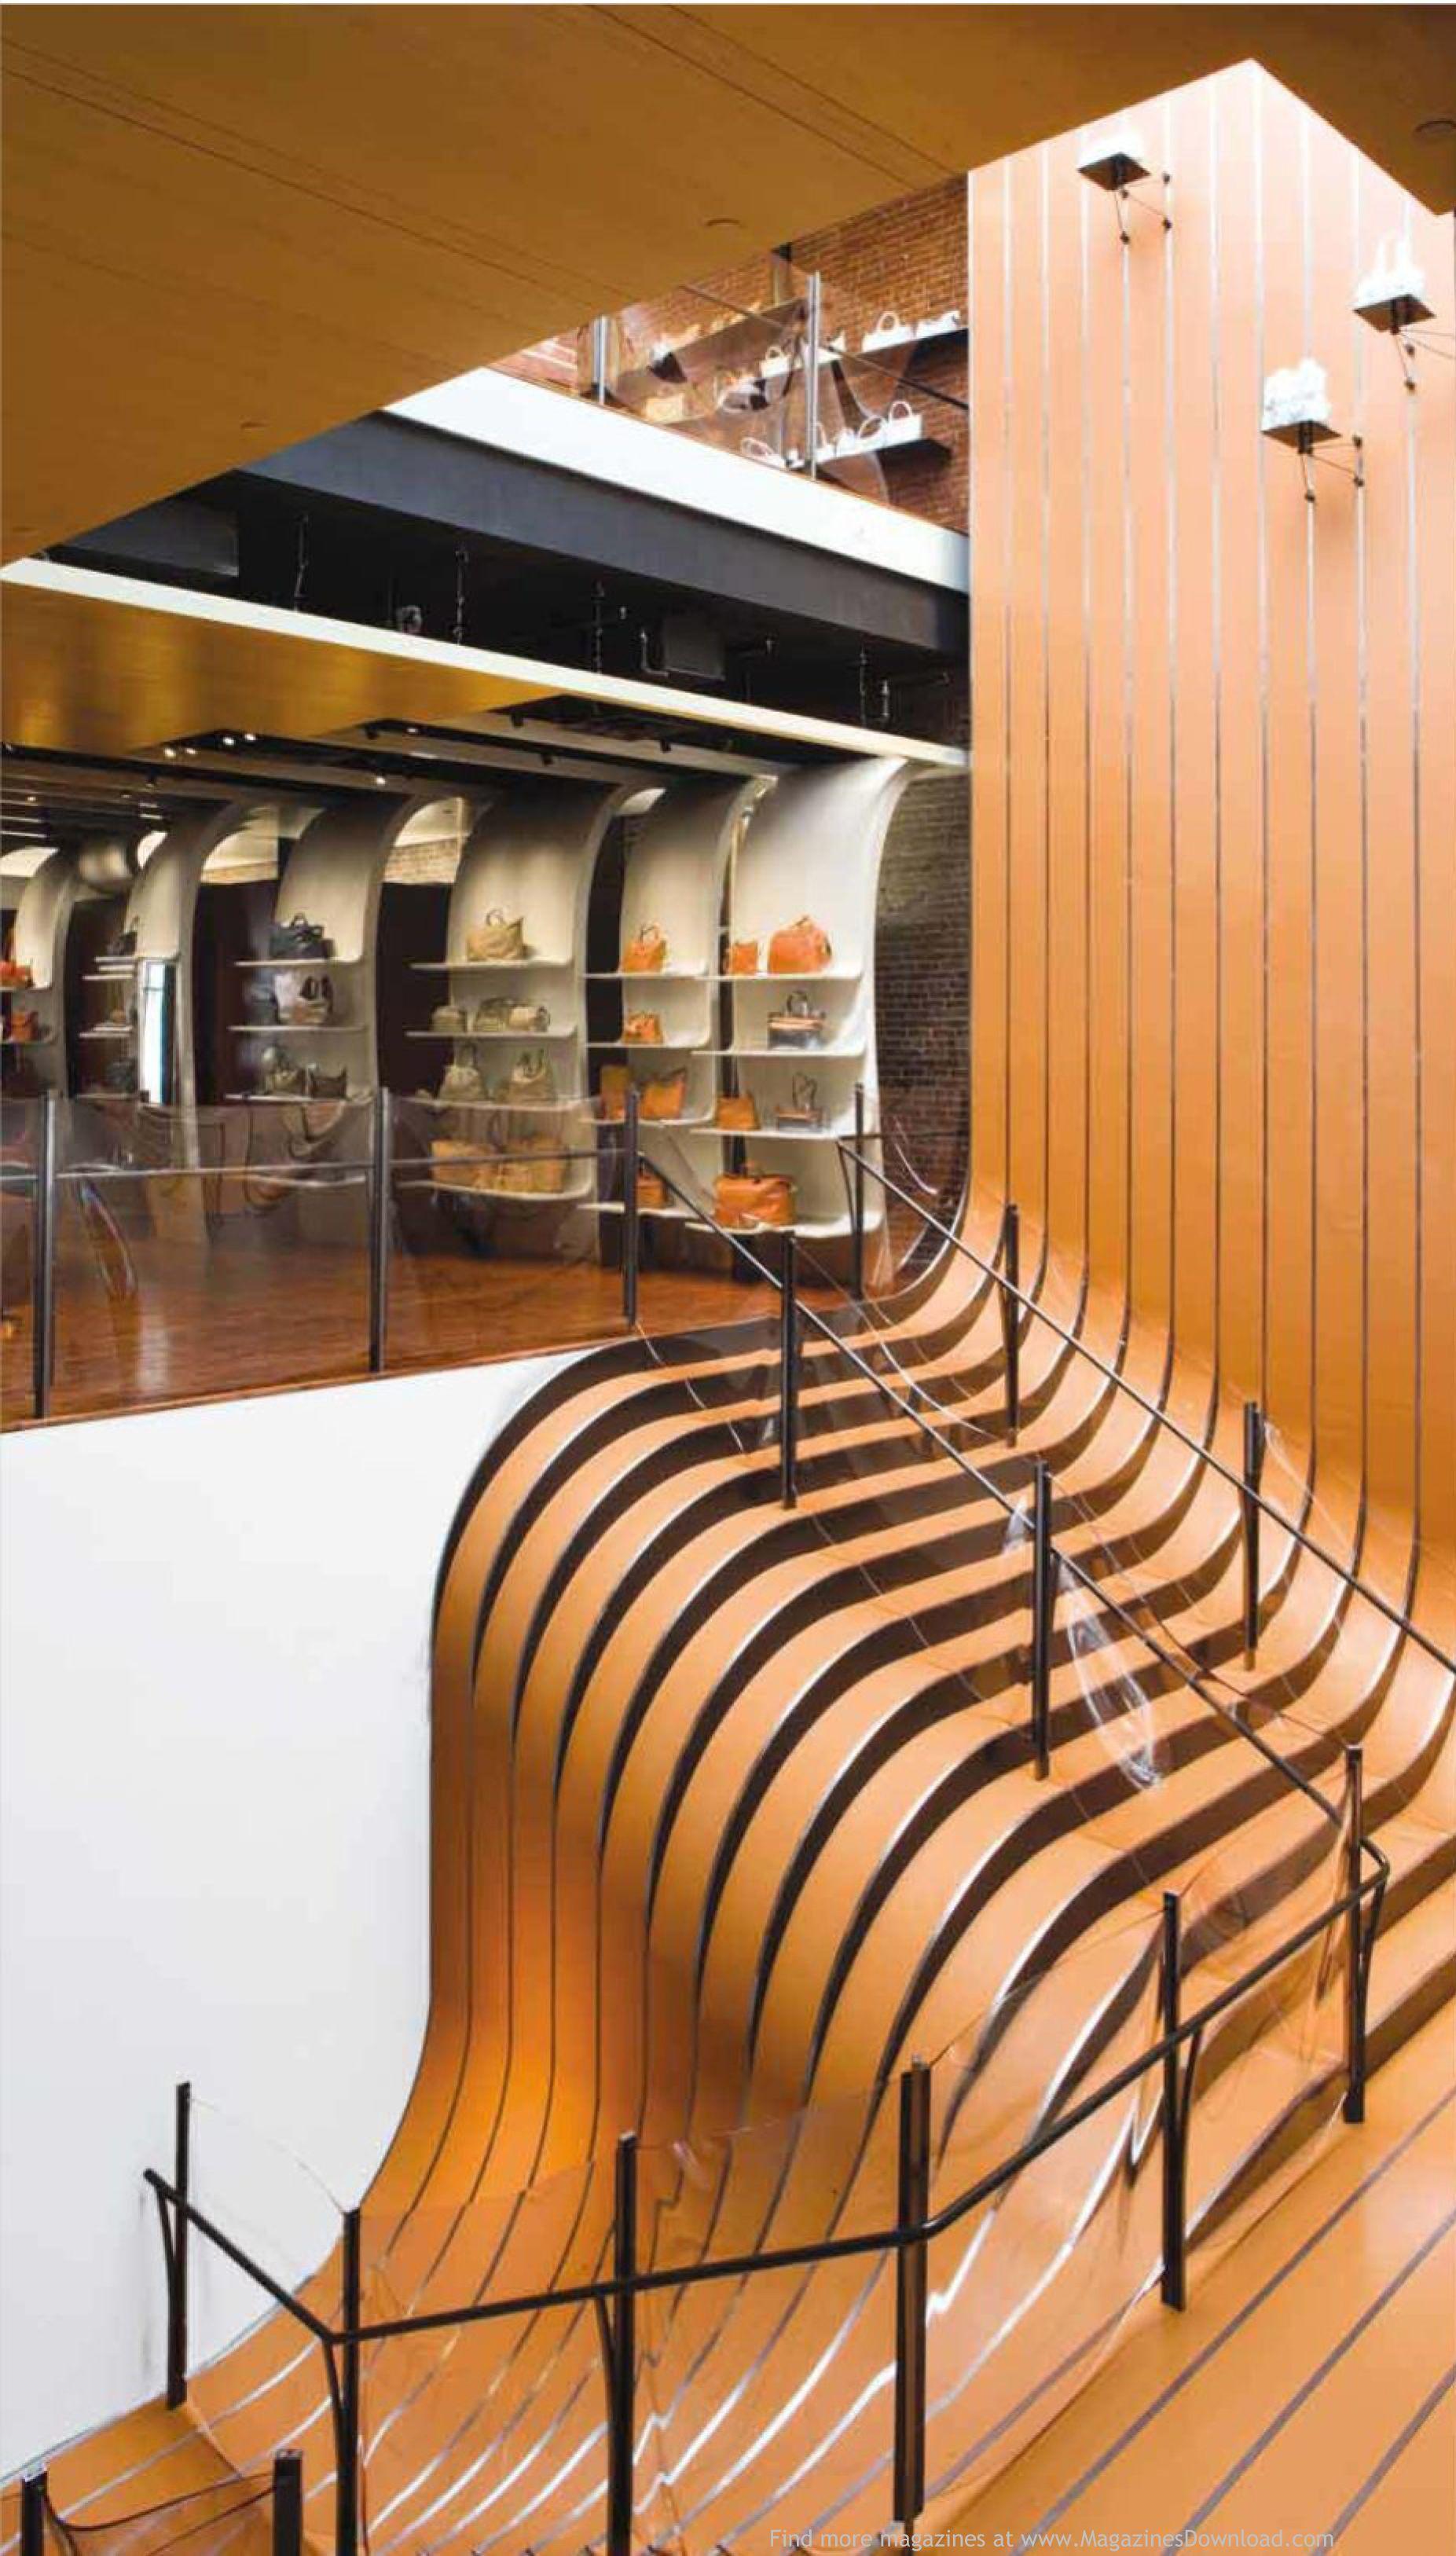 Alejandro interior de dise o futurista bastante bien decorado destacando sus escaleras Diseno interior futurista